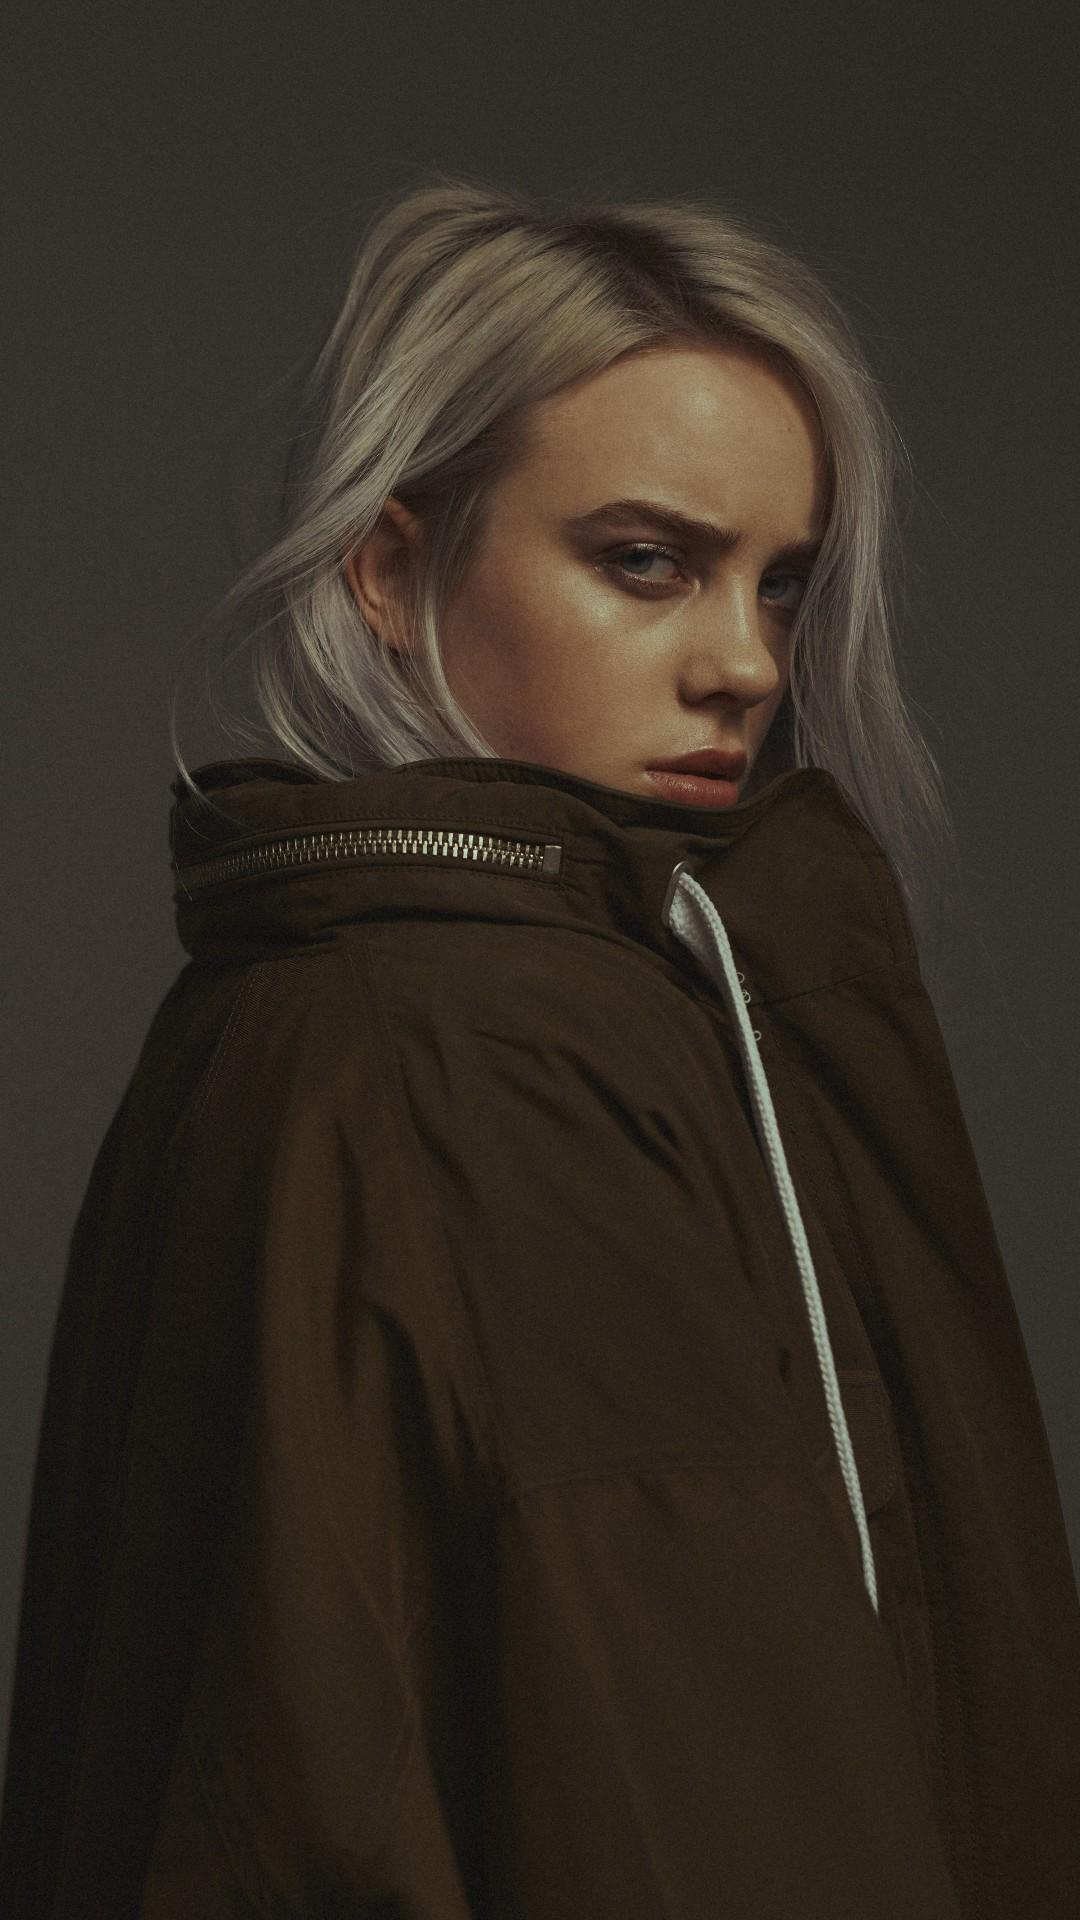 Billie Eilish iphone 5 wallpaper